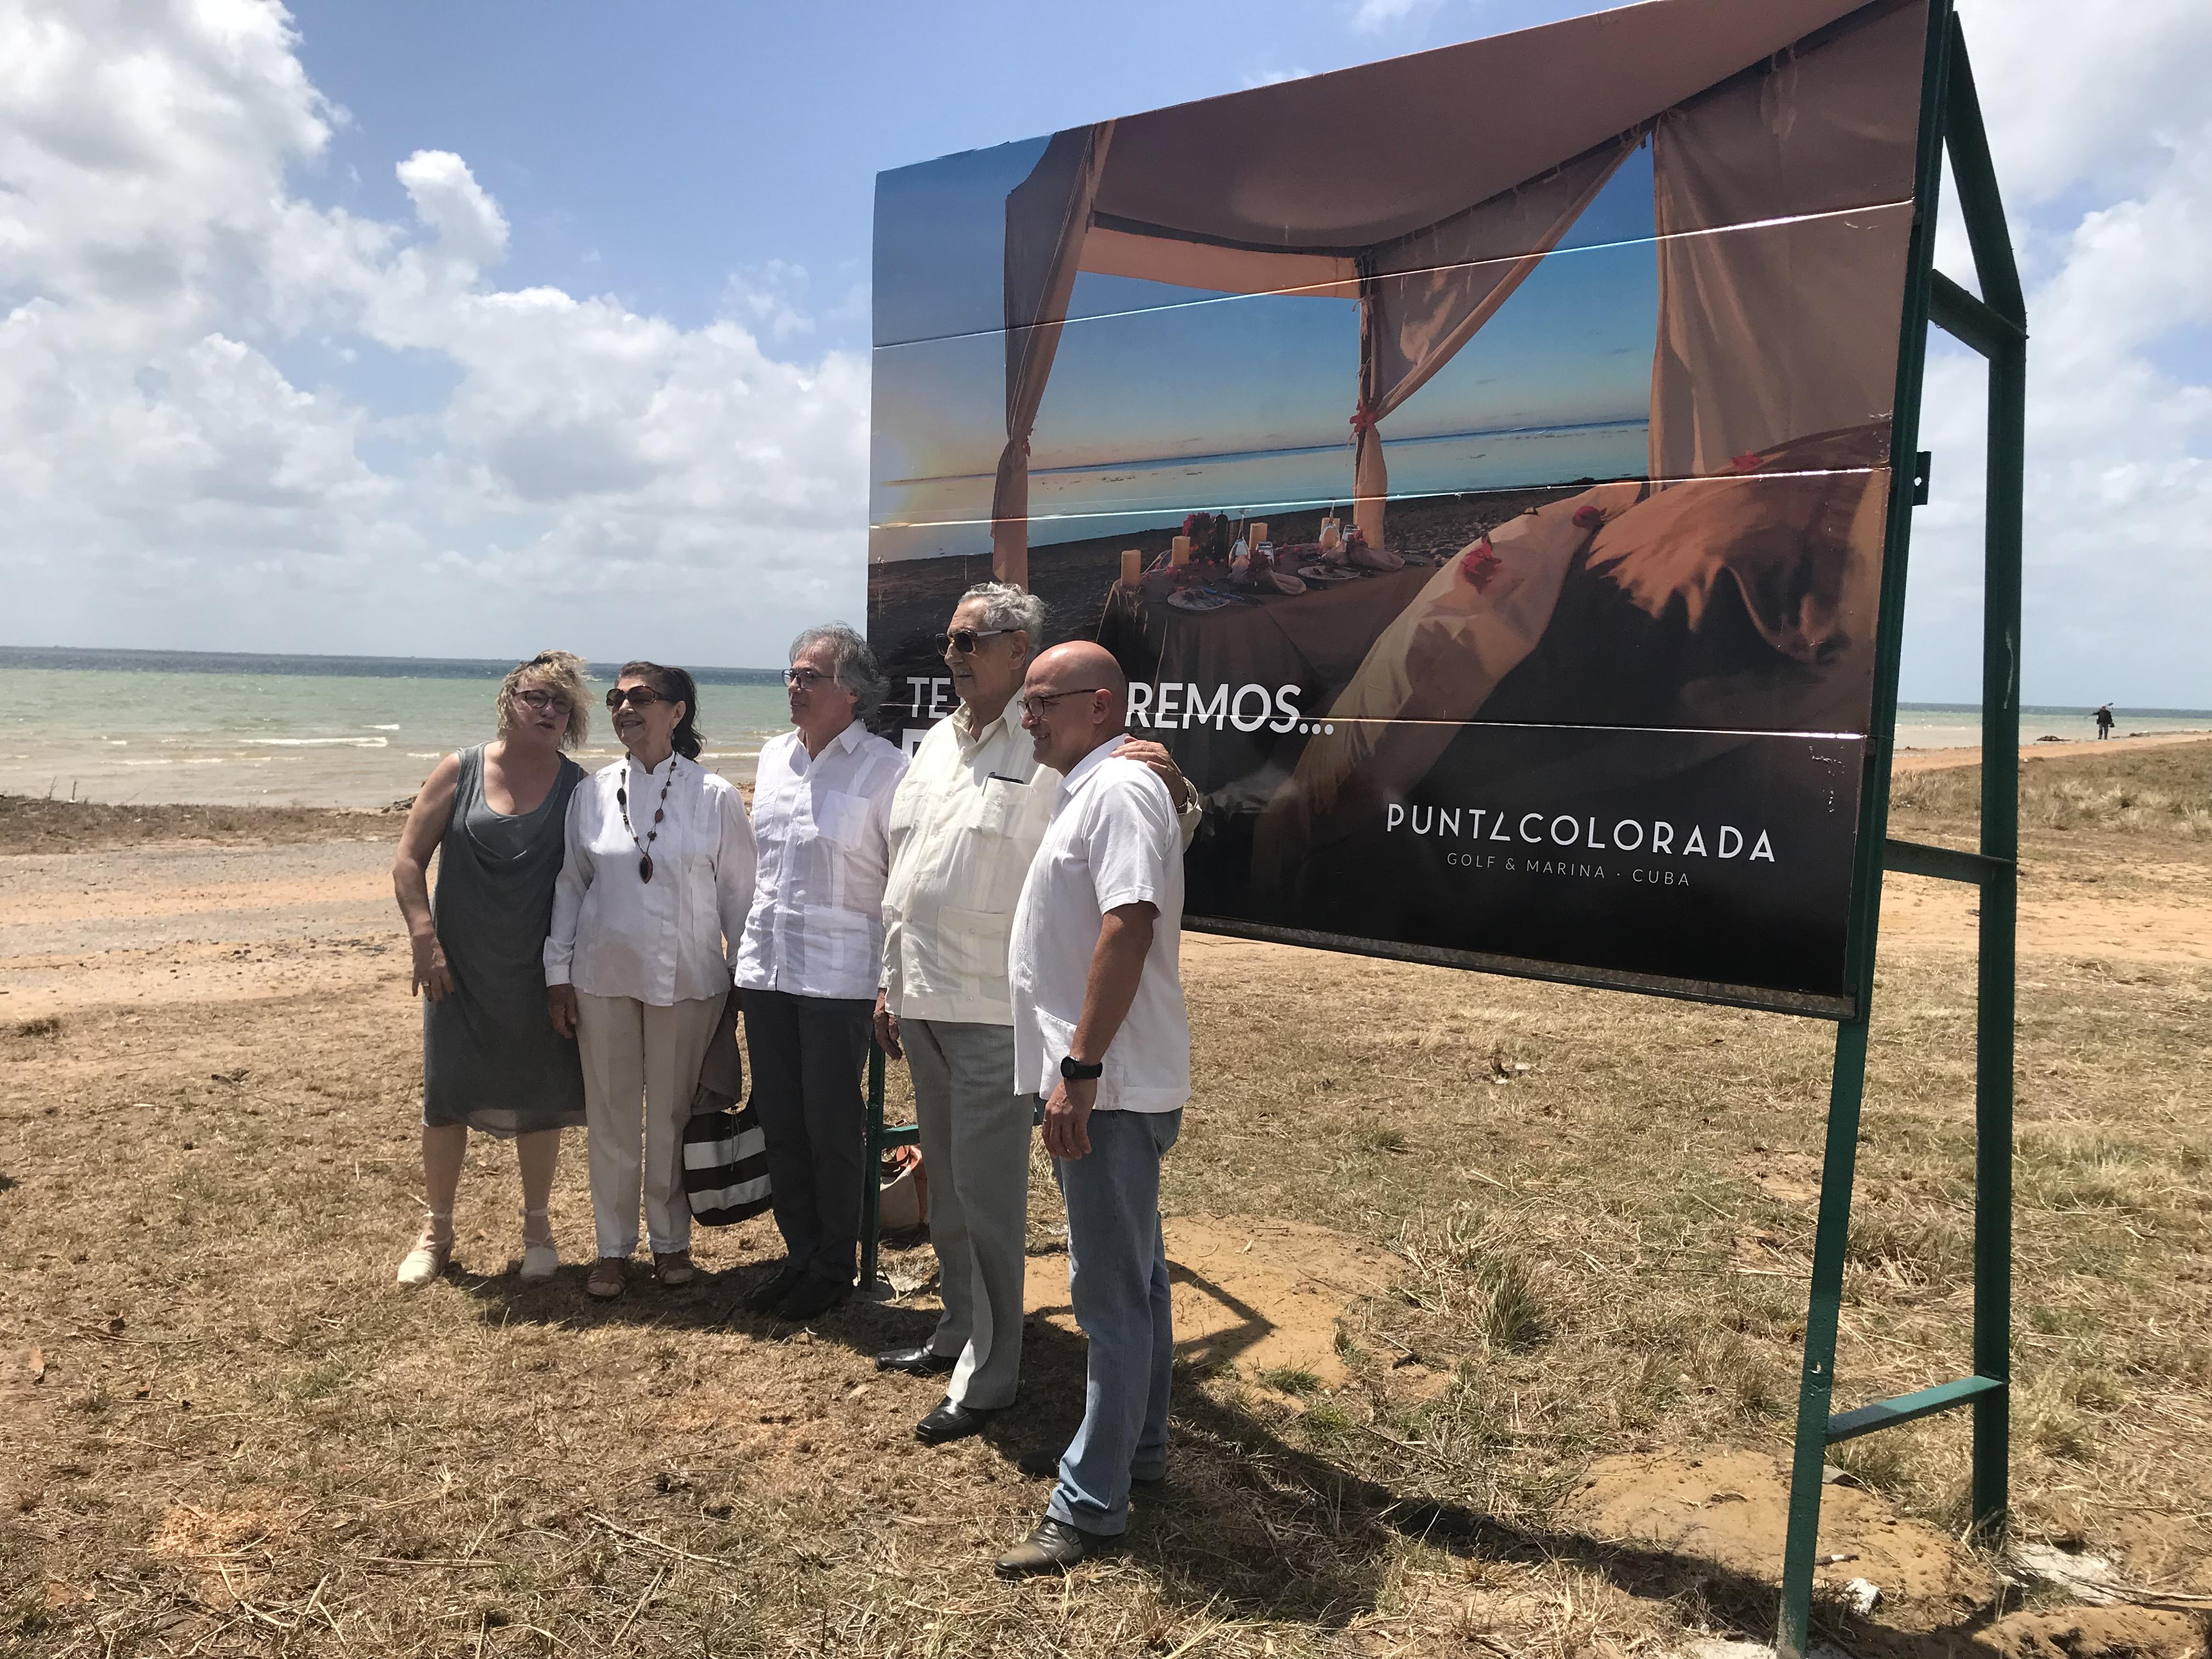 Construyen en Cuba campo de golf que tendrá un hoyo en el mar *